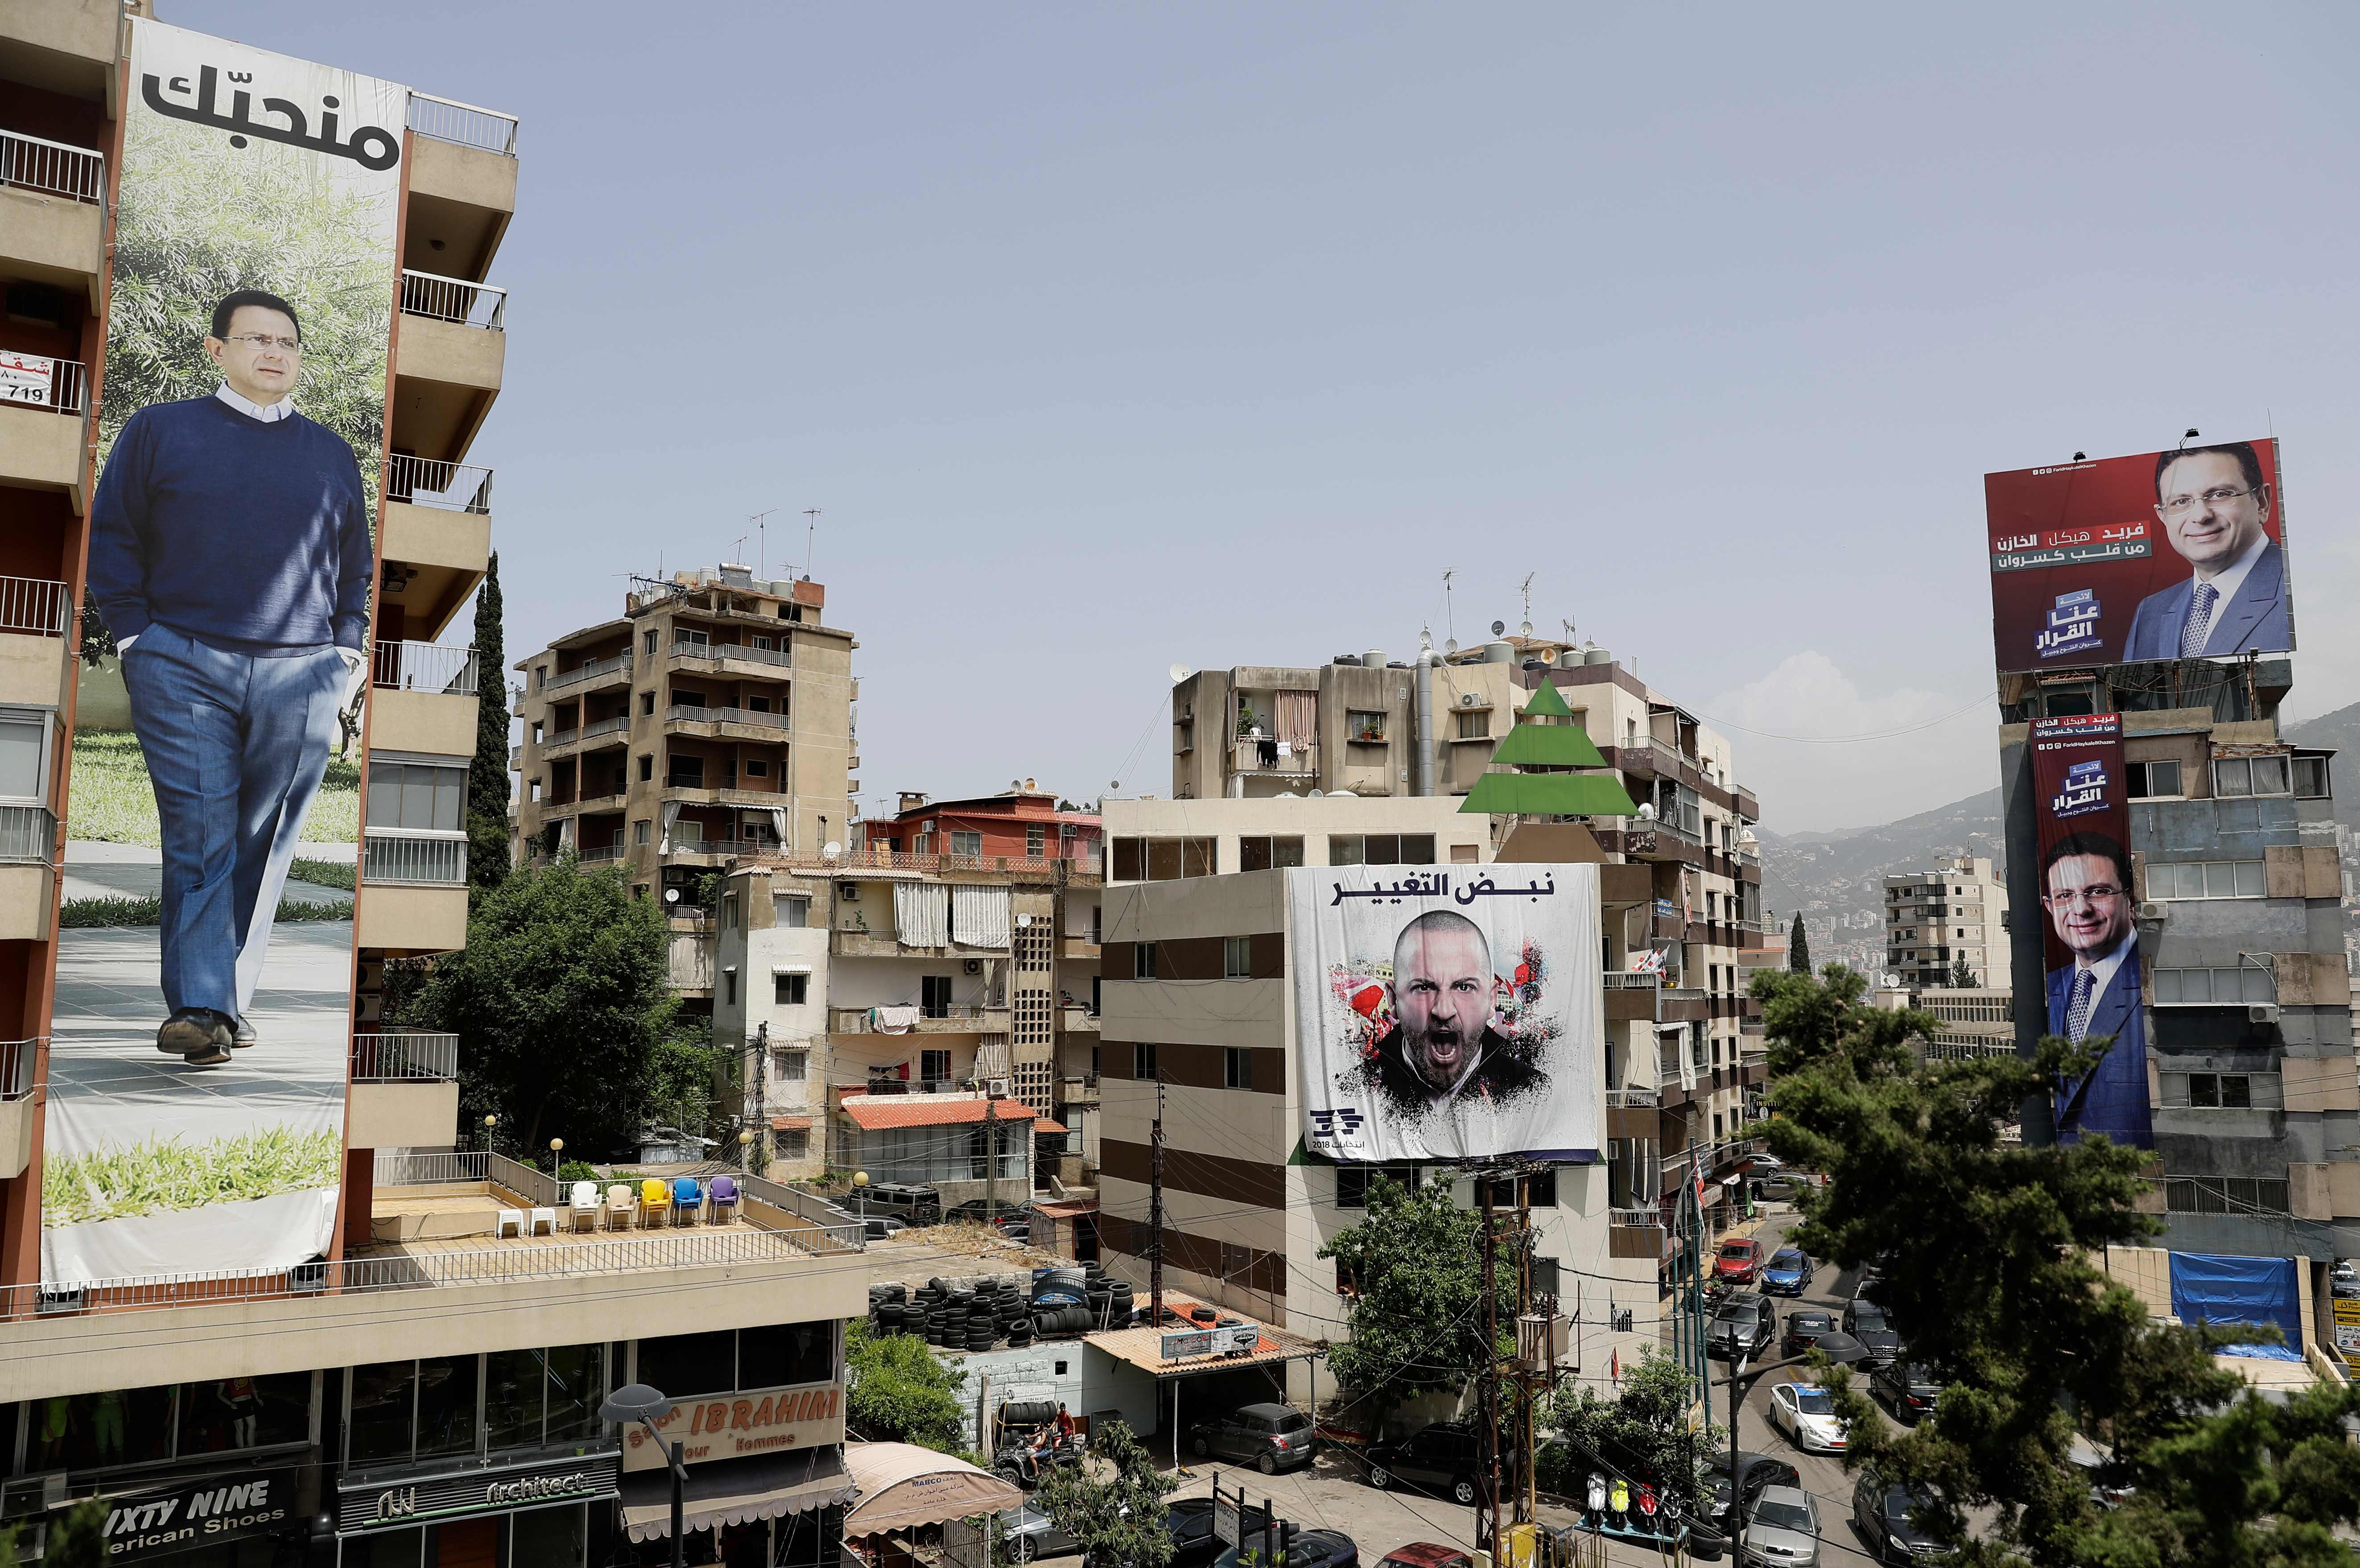 الأعلام اللبنانية